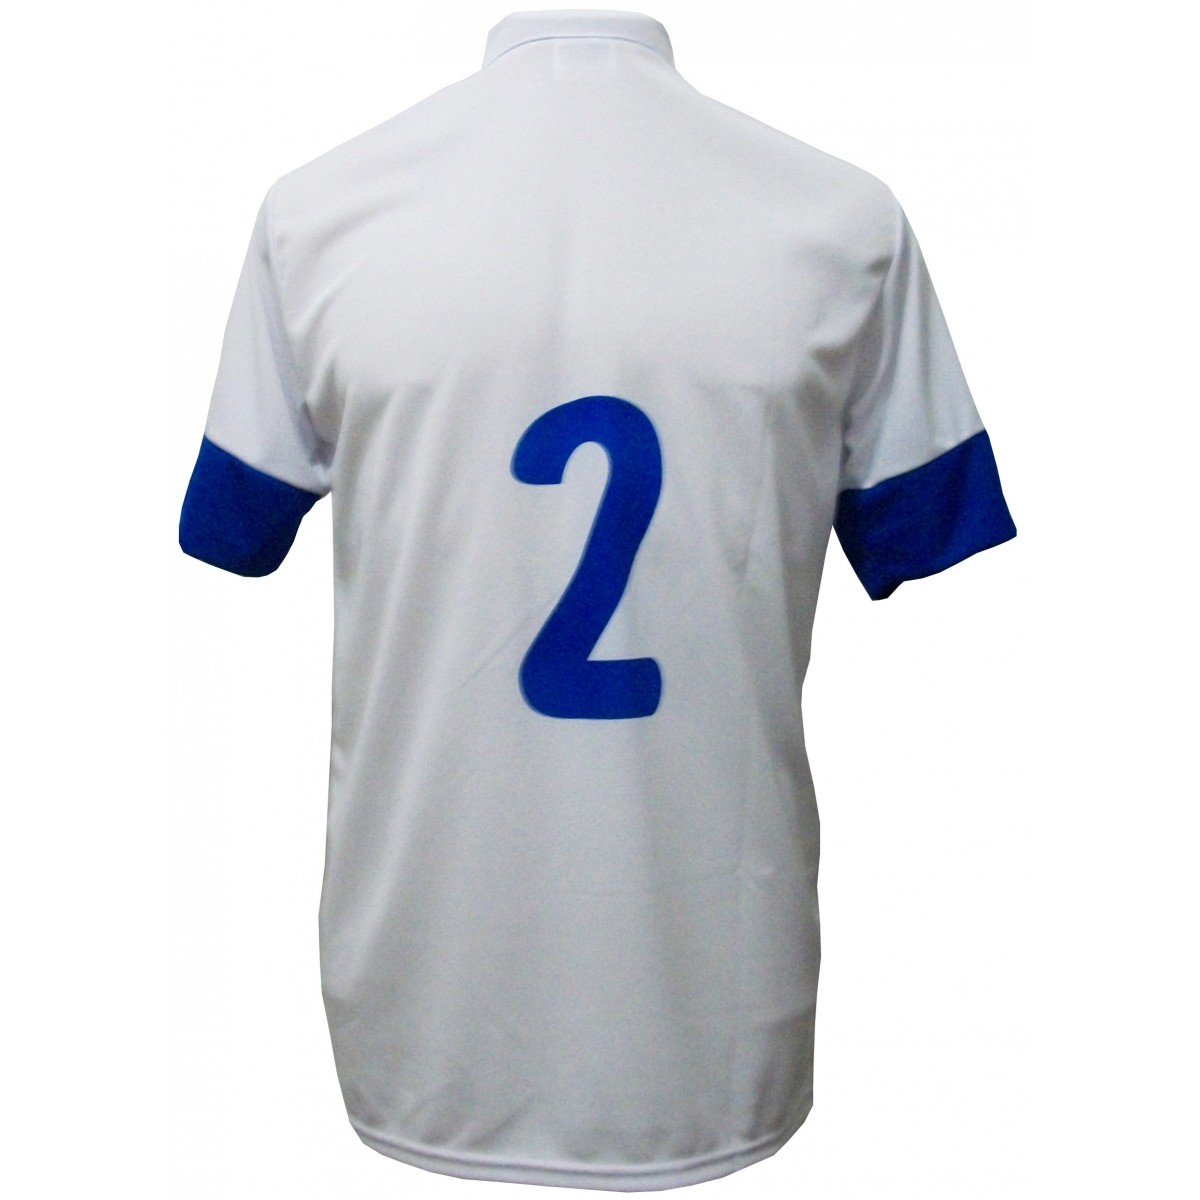 Uniforme Esportivo Completo modelo Sporting 14+1 (14 camisas Branco/Royal + 14 calções Madrid Royal + 14 pares de meiões Brancos + 1 conjunto de goleiro) + Brindes